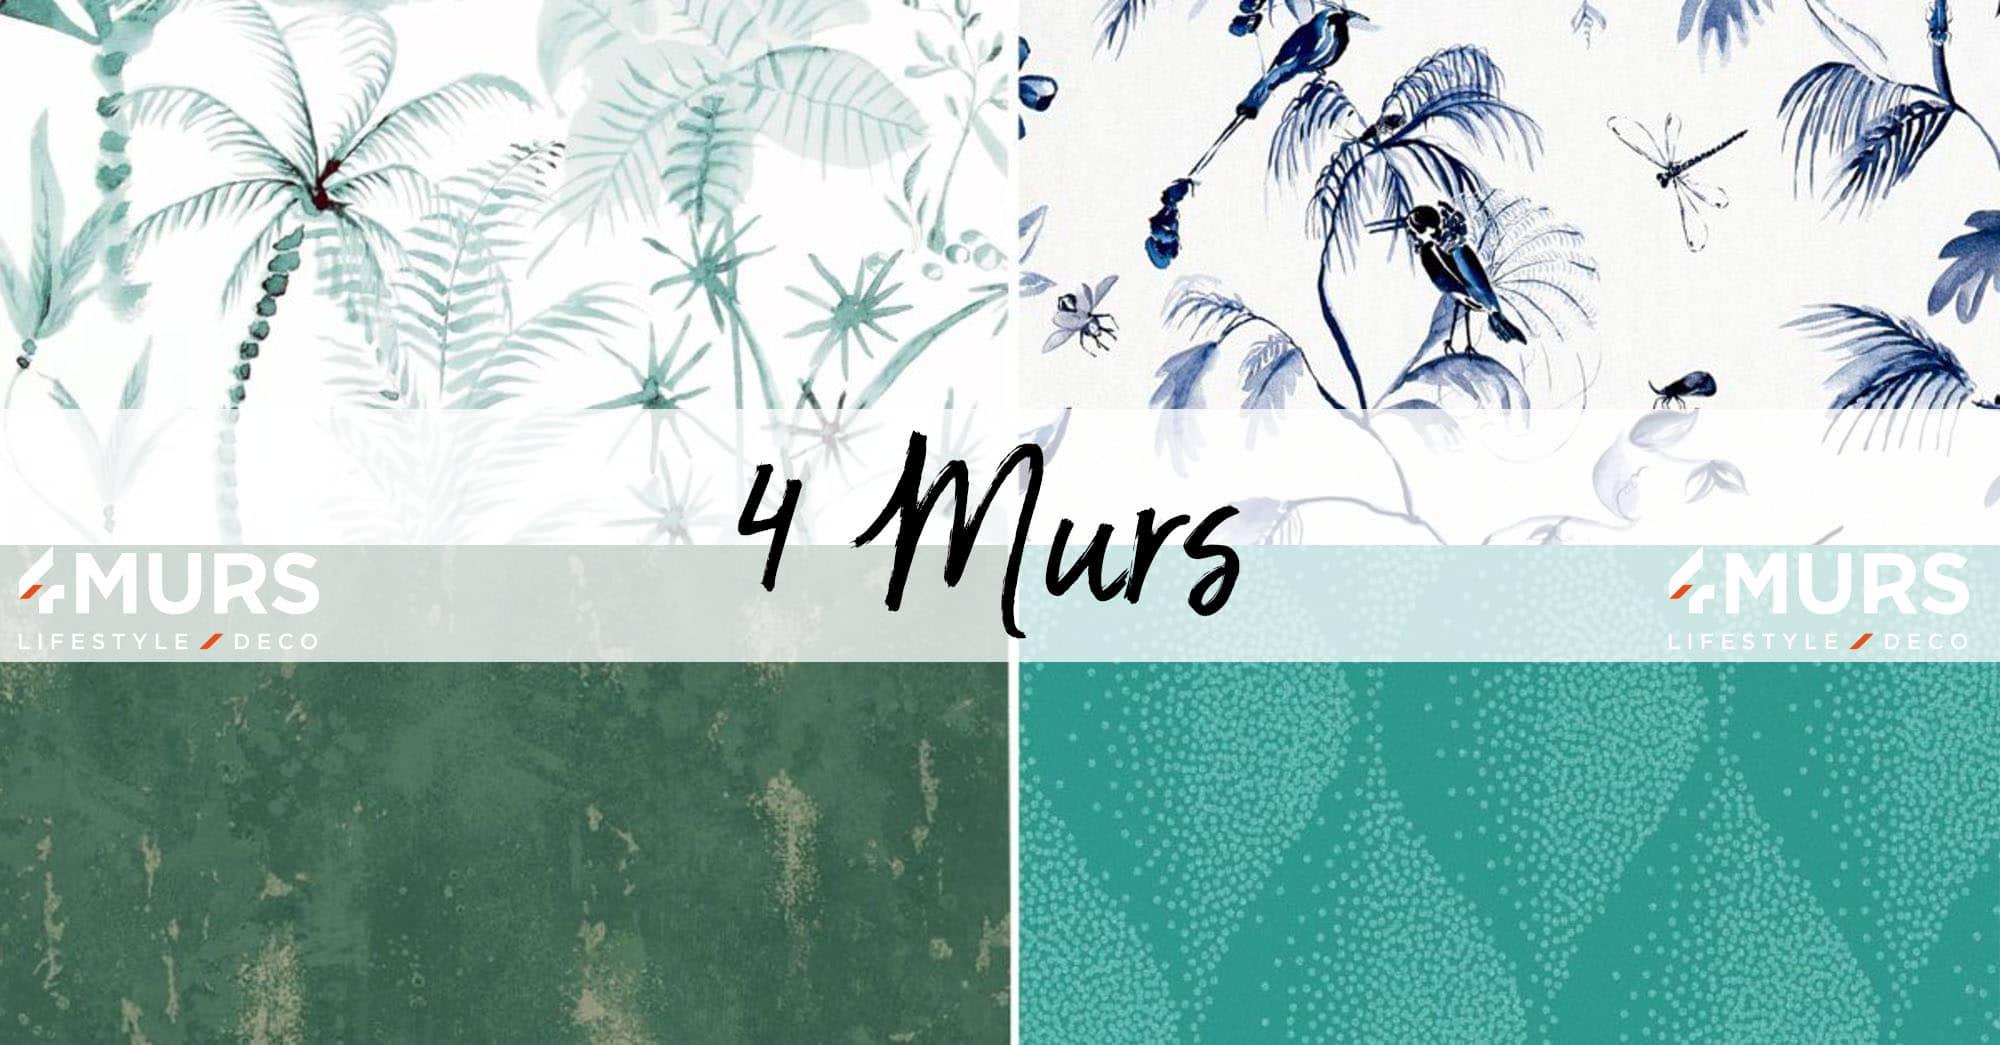 Papier Peint Entree Moderne 4 murs : selection des plus beaux modèles de papier peint | 2020